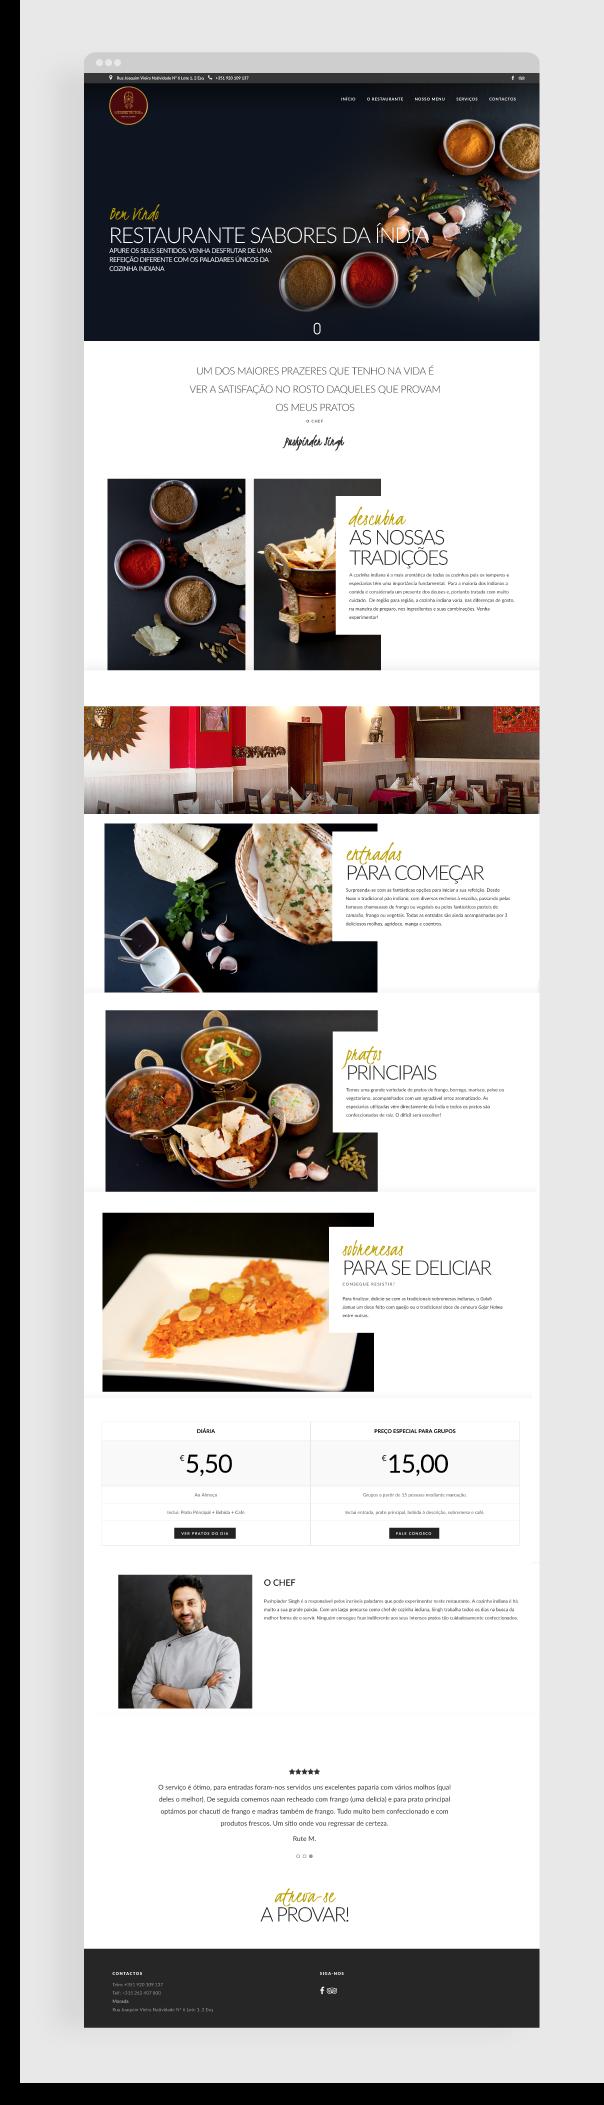 site sabores india